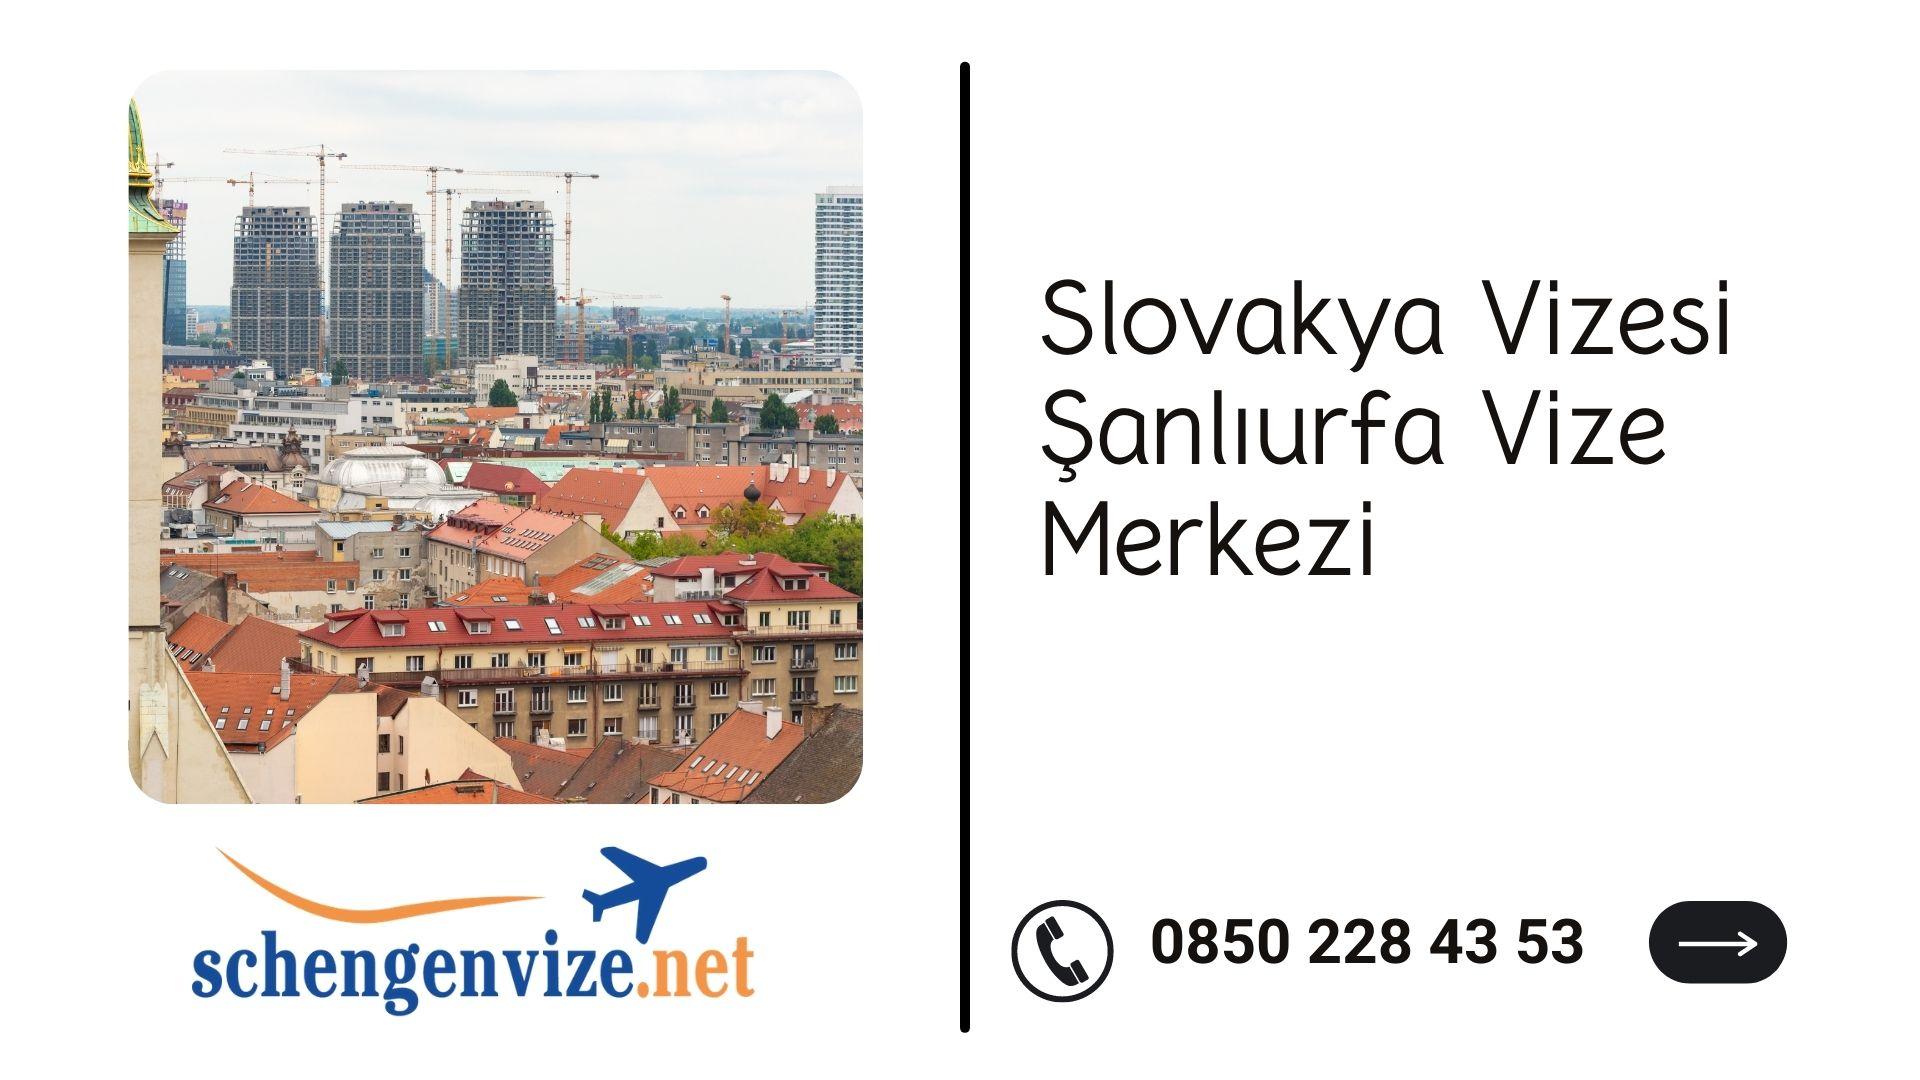 Slovakya Vizesi Şanlıurfa Vize Merkezi